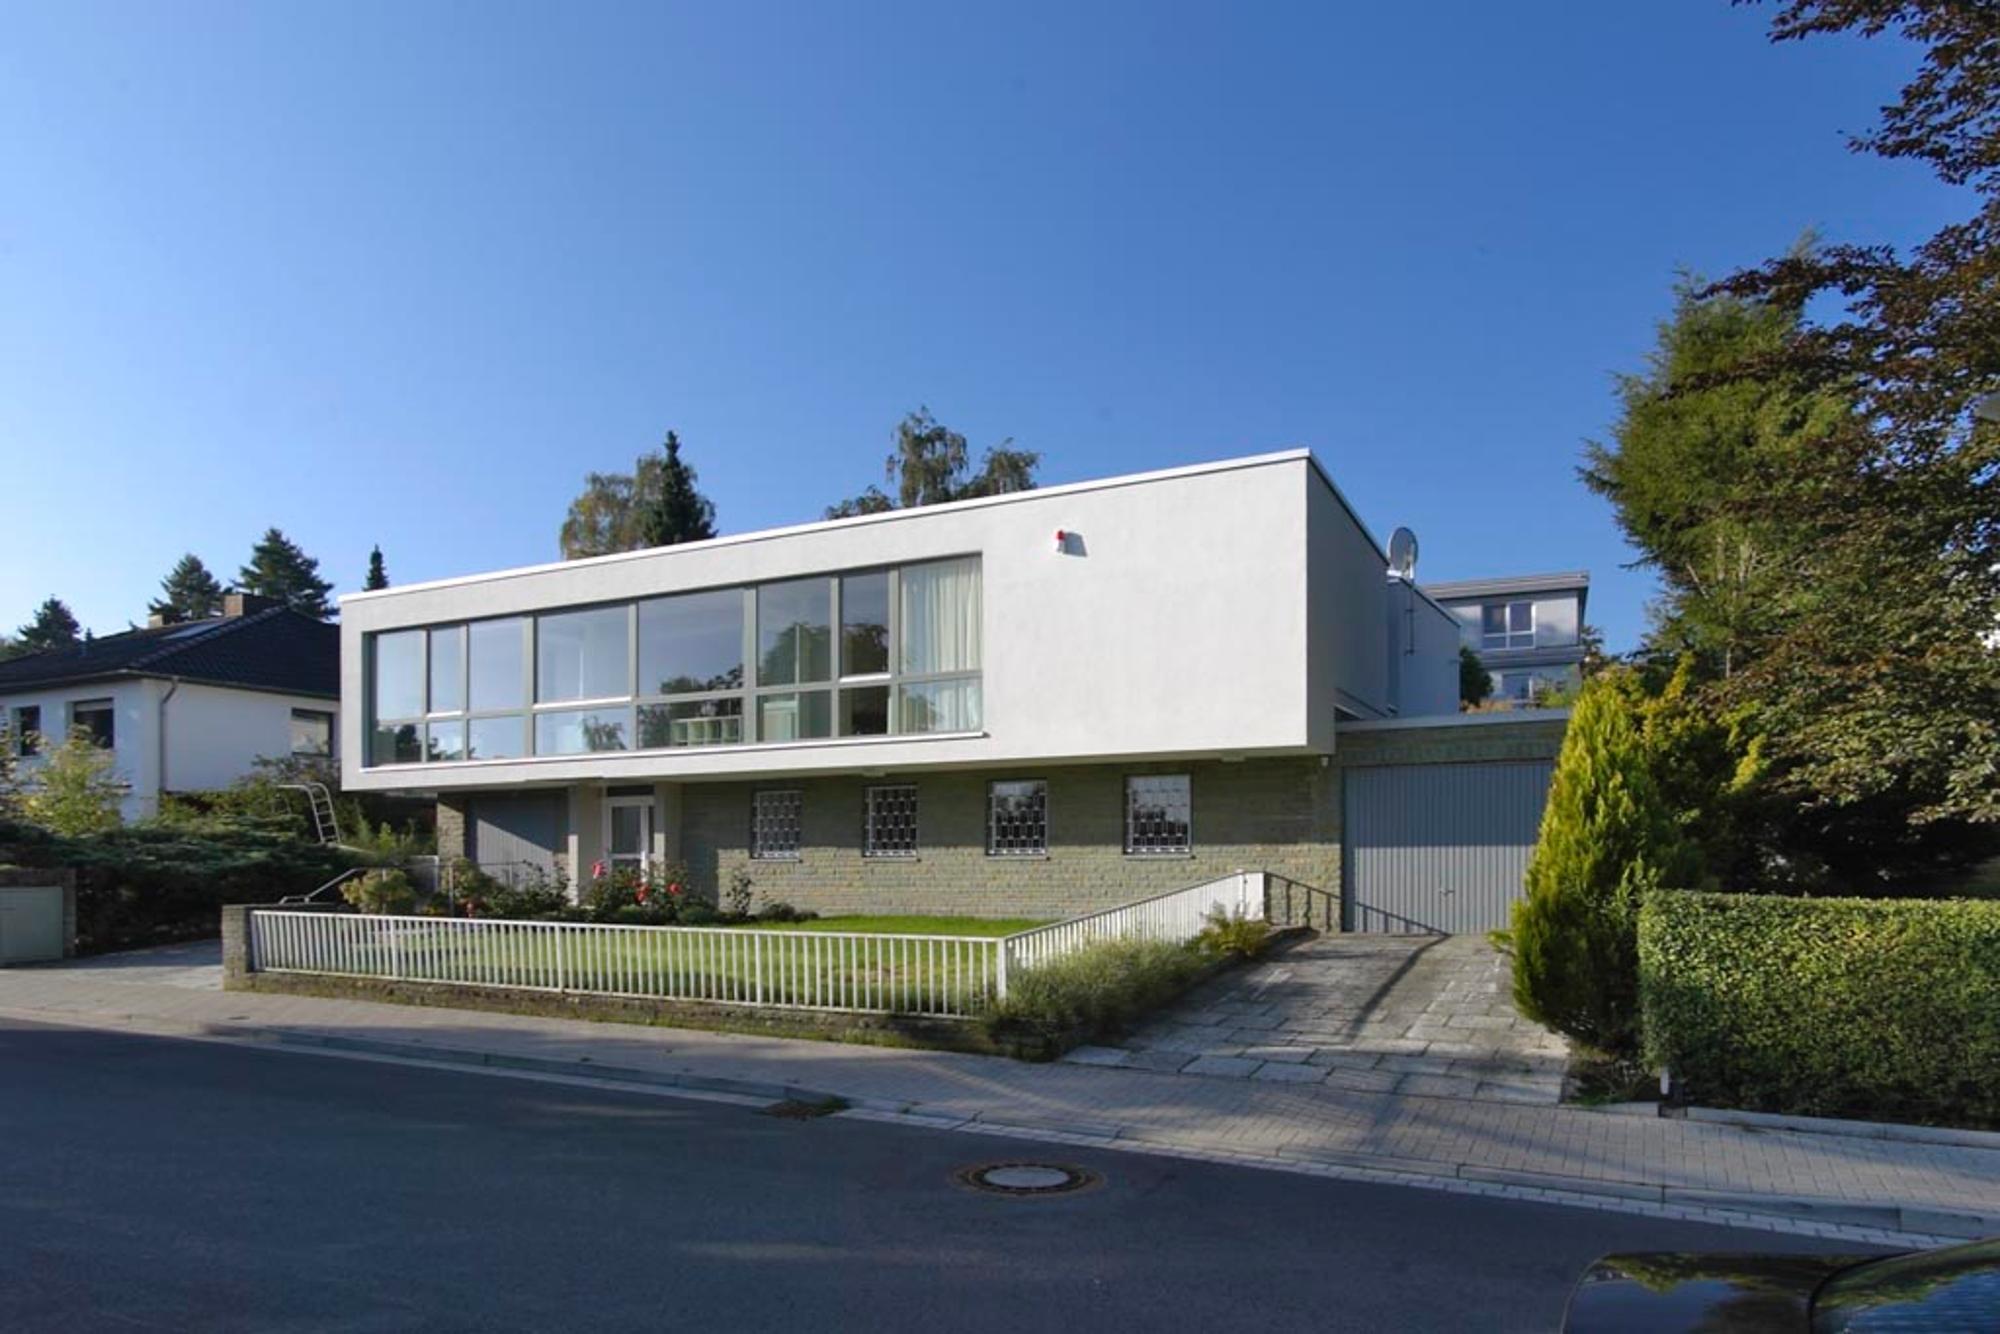 Hausbesuch Ein Sanierter Bungalow Erstrahlt In Neuem Glanz Wohnen